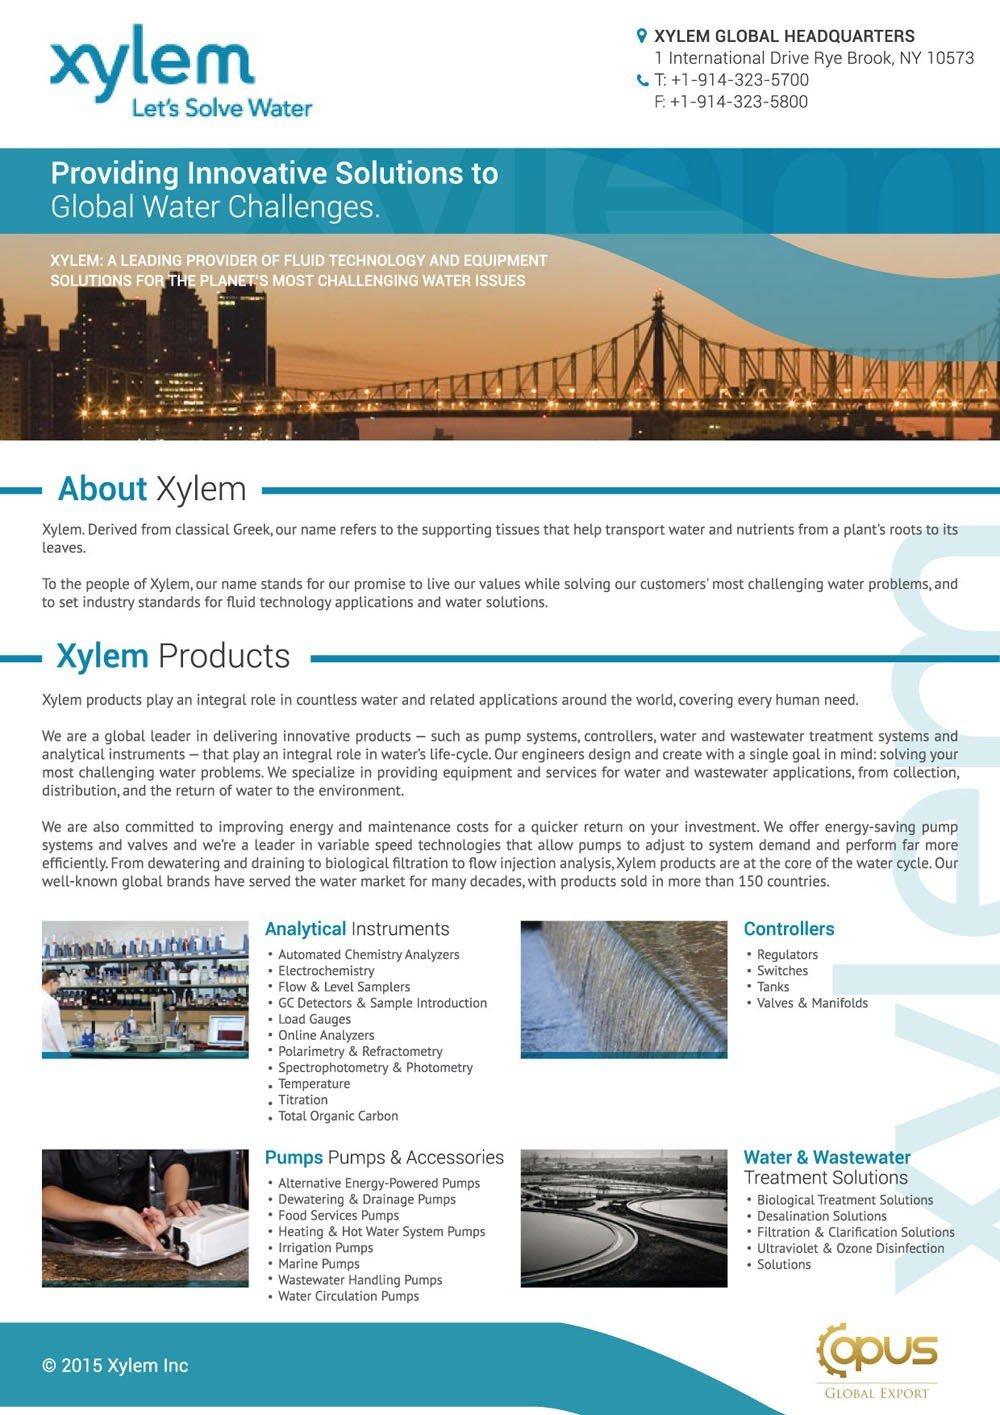 xylem technology